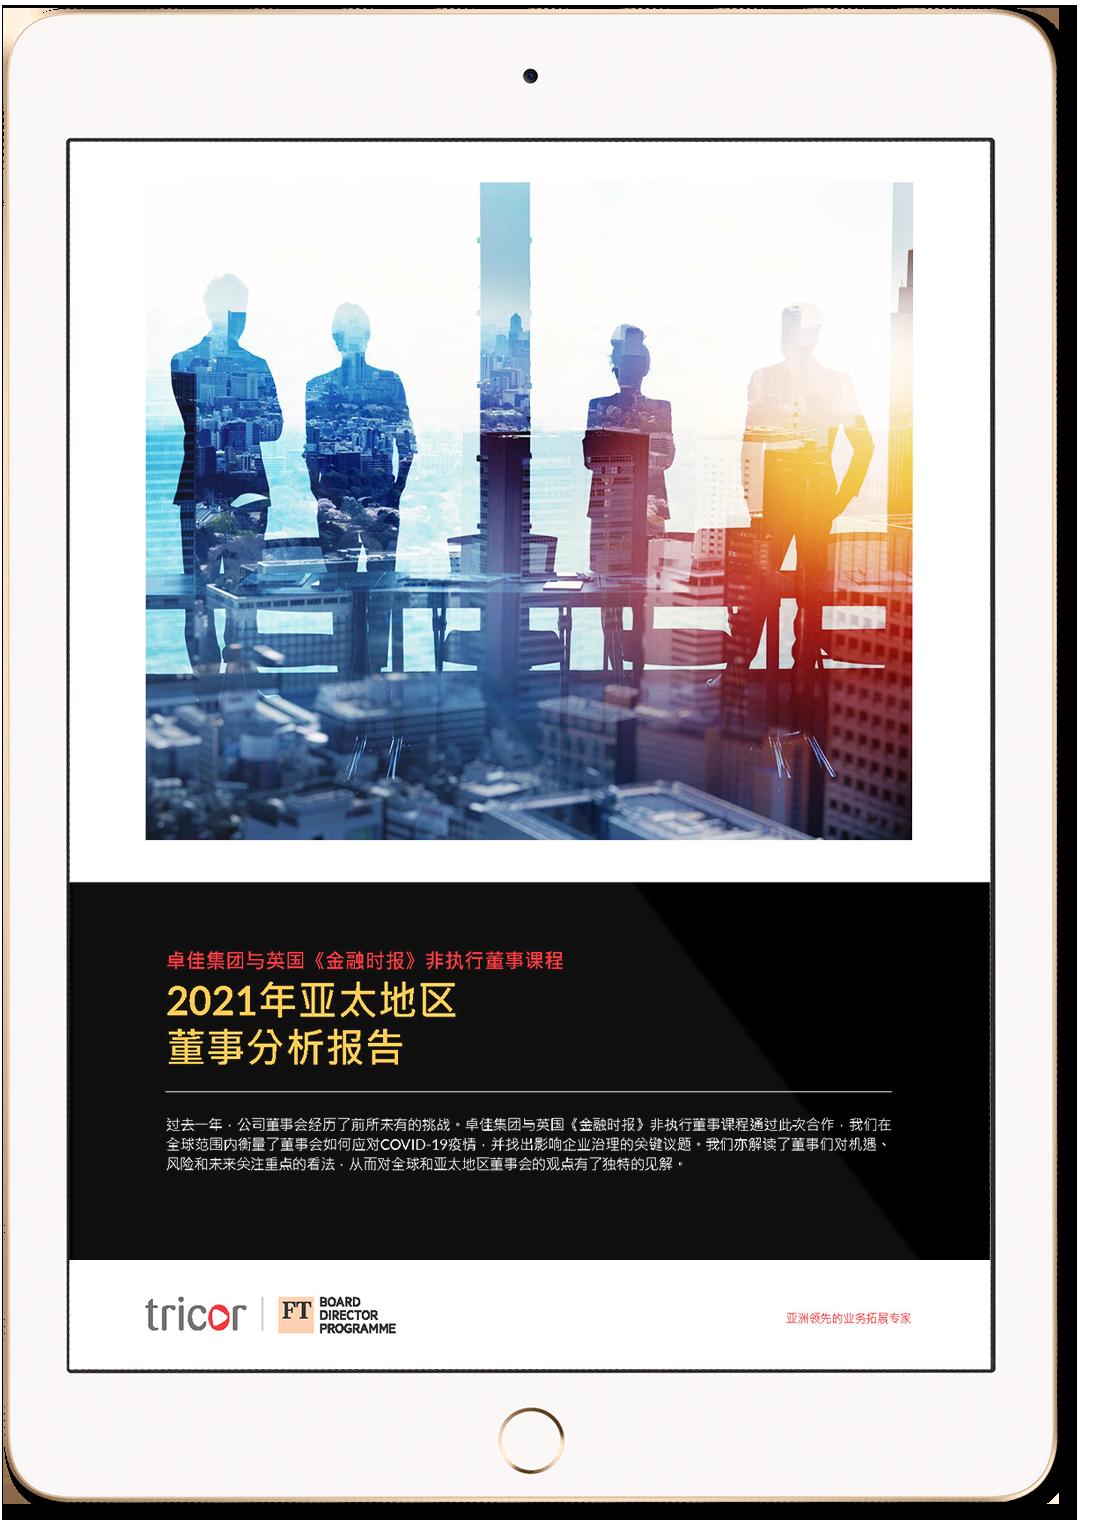 2021年亞太地區董事分析報告